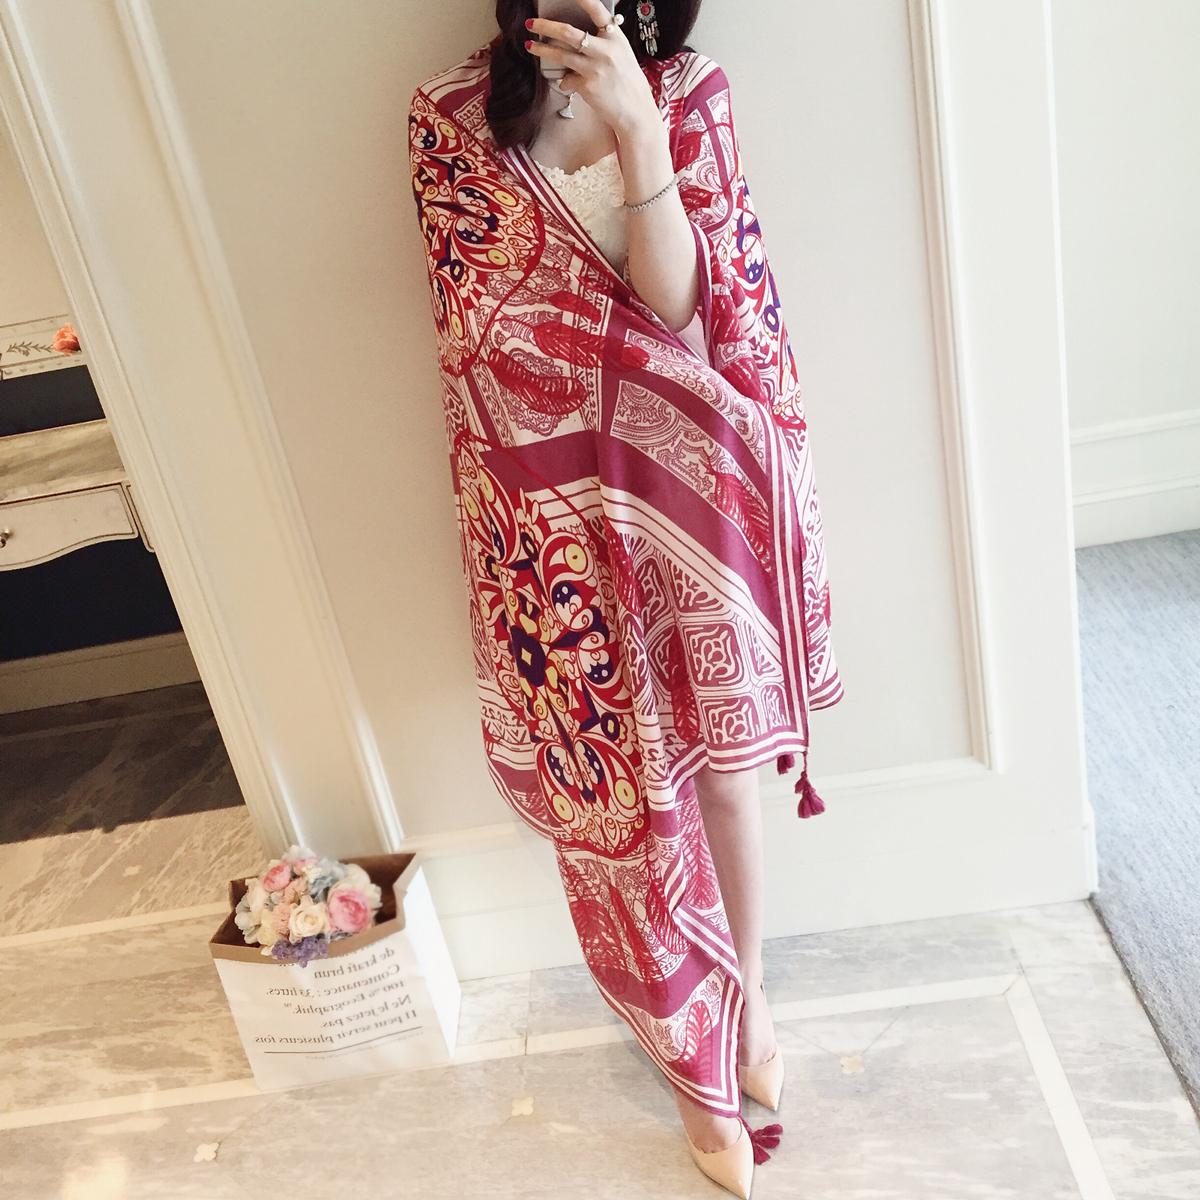 小溜春夏季红色围巾棉麻风旅游海边度假防晒丝巾披肩民族沙滩巾女